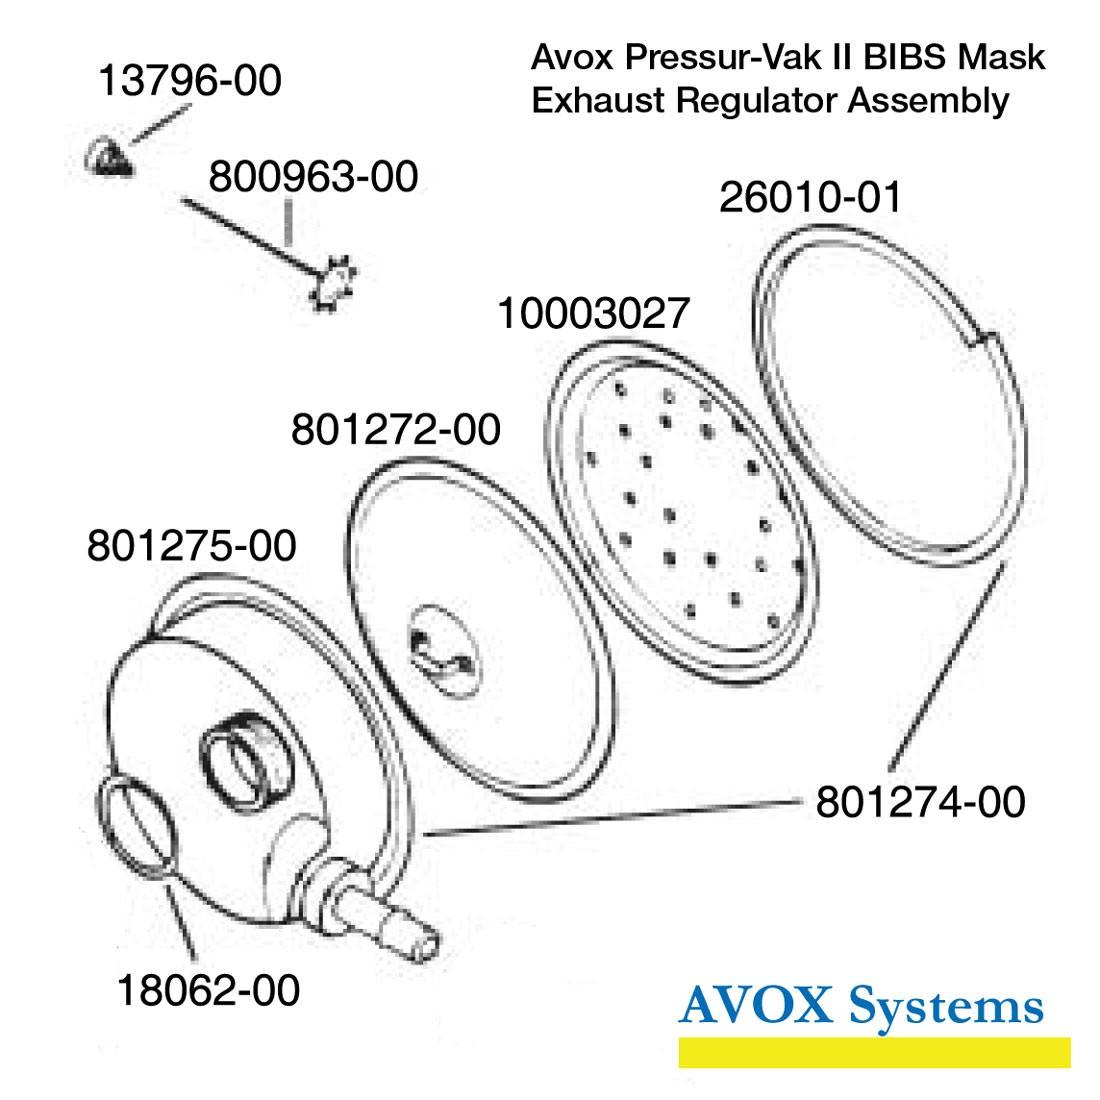 Avox Pressur-Vak II BIBS Mask - Exhaust Regulator Assembly